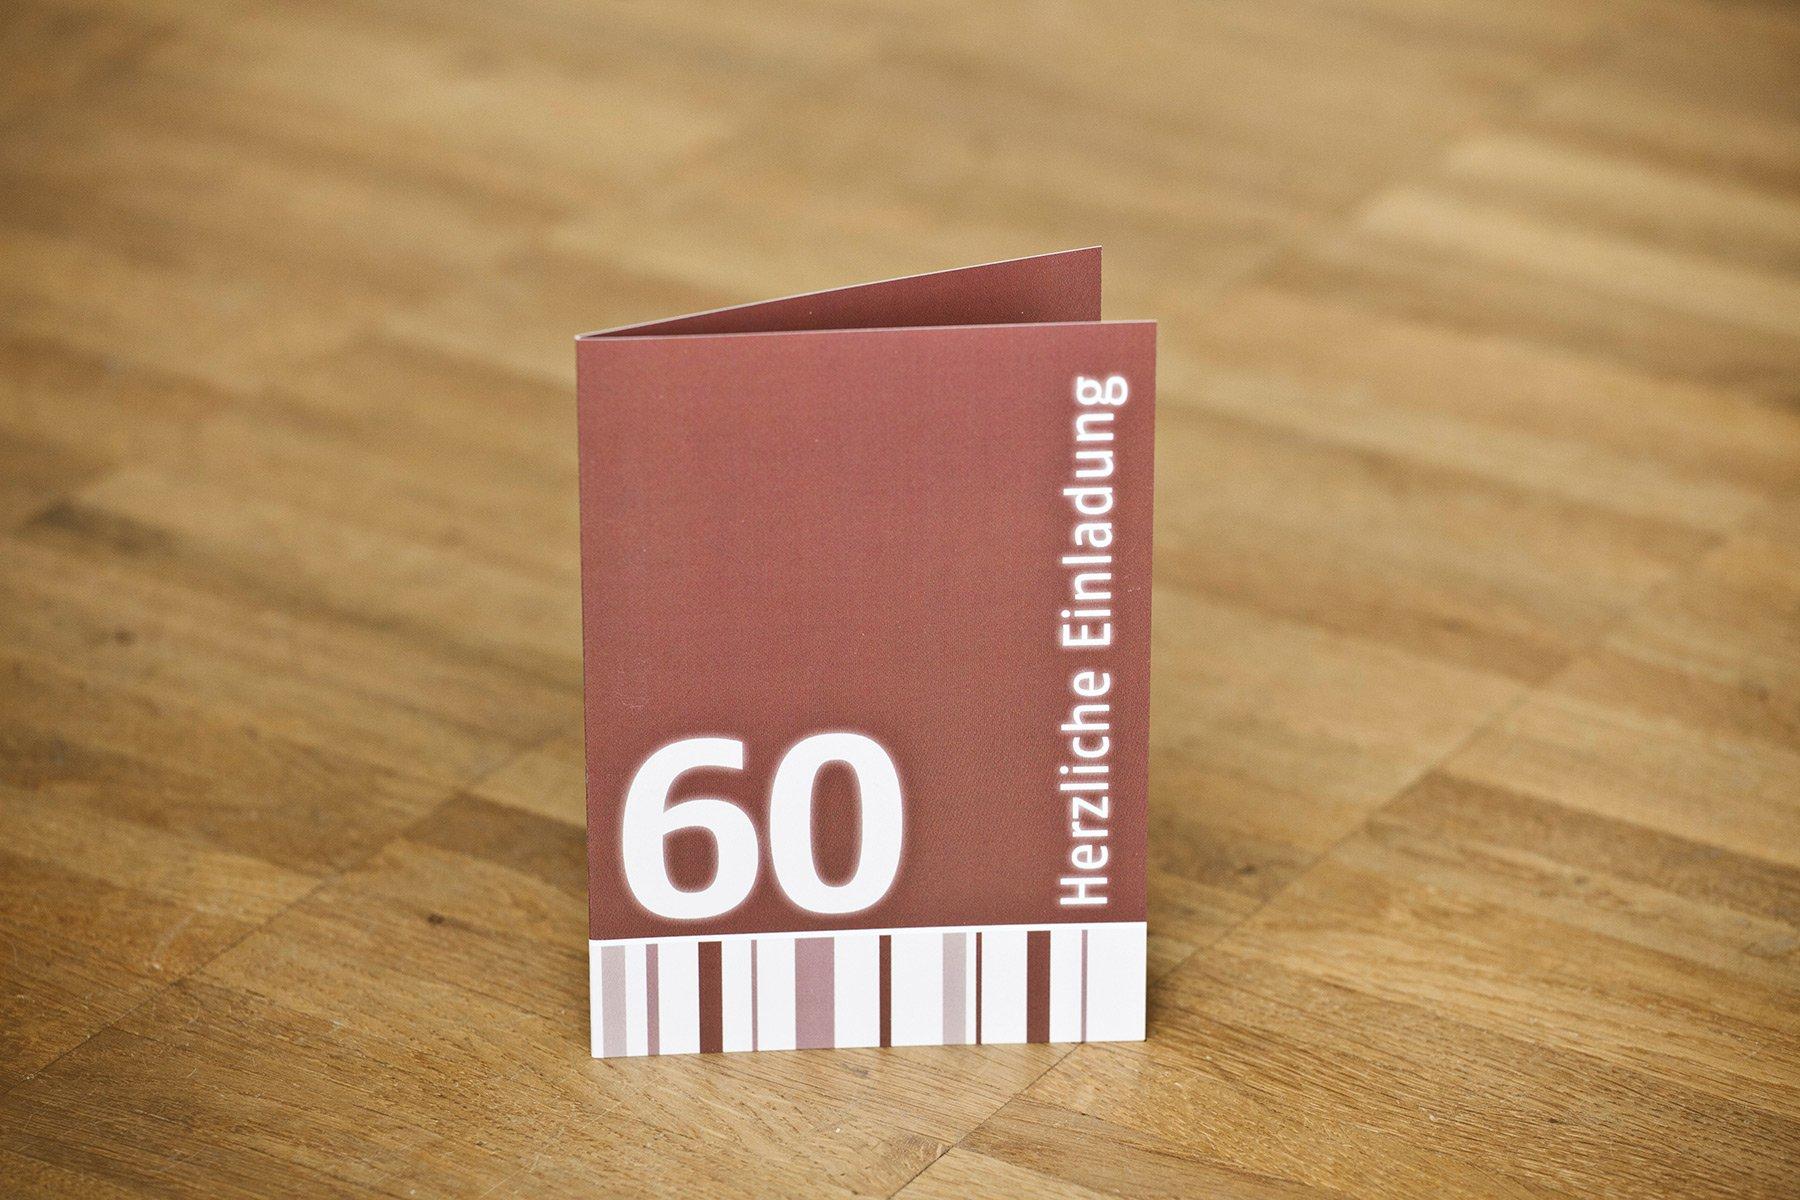 einladung geburtstag einladung 50 geburtstag geburstag. Black Bedroom Furniture Sets. Home Design Ideas